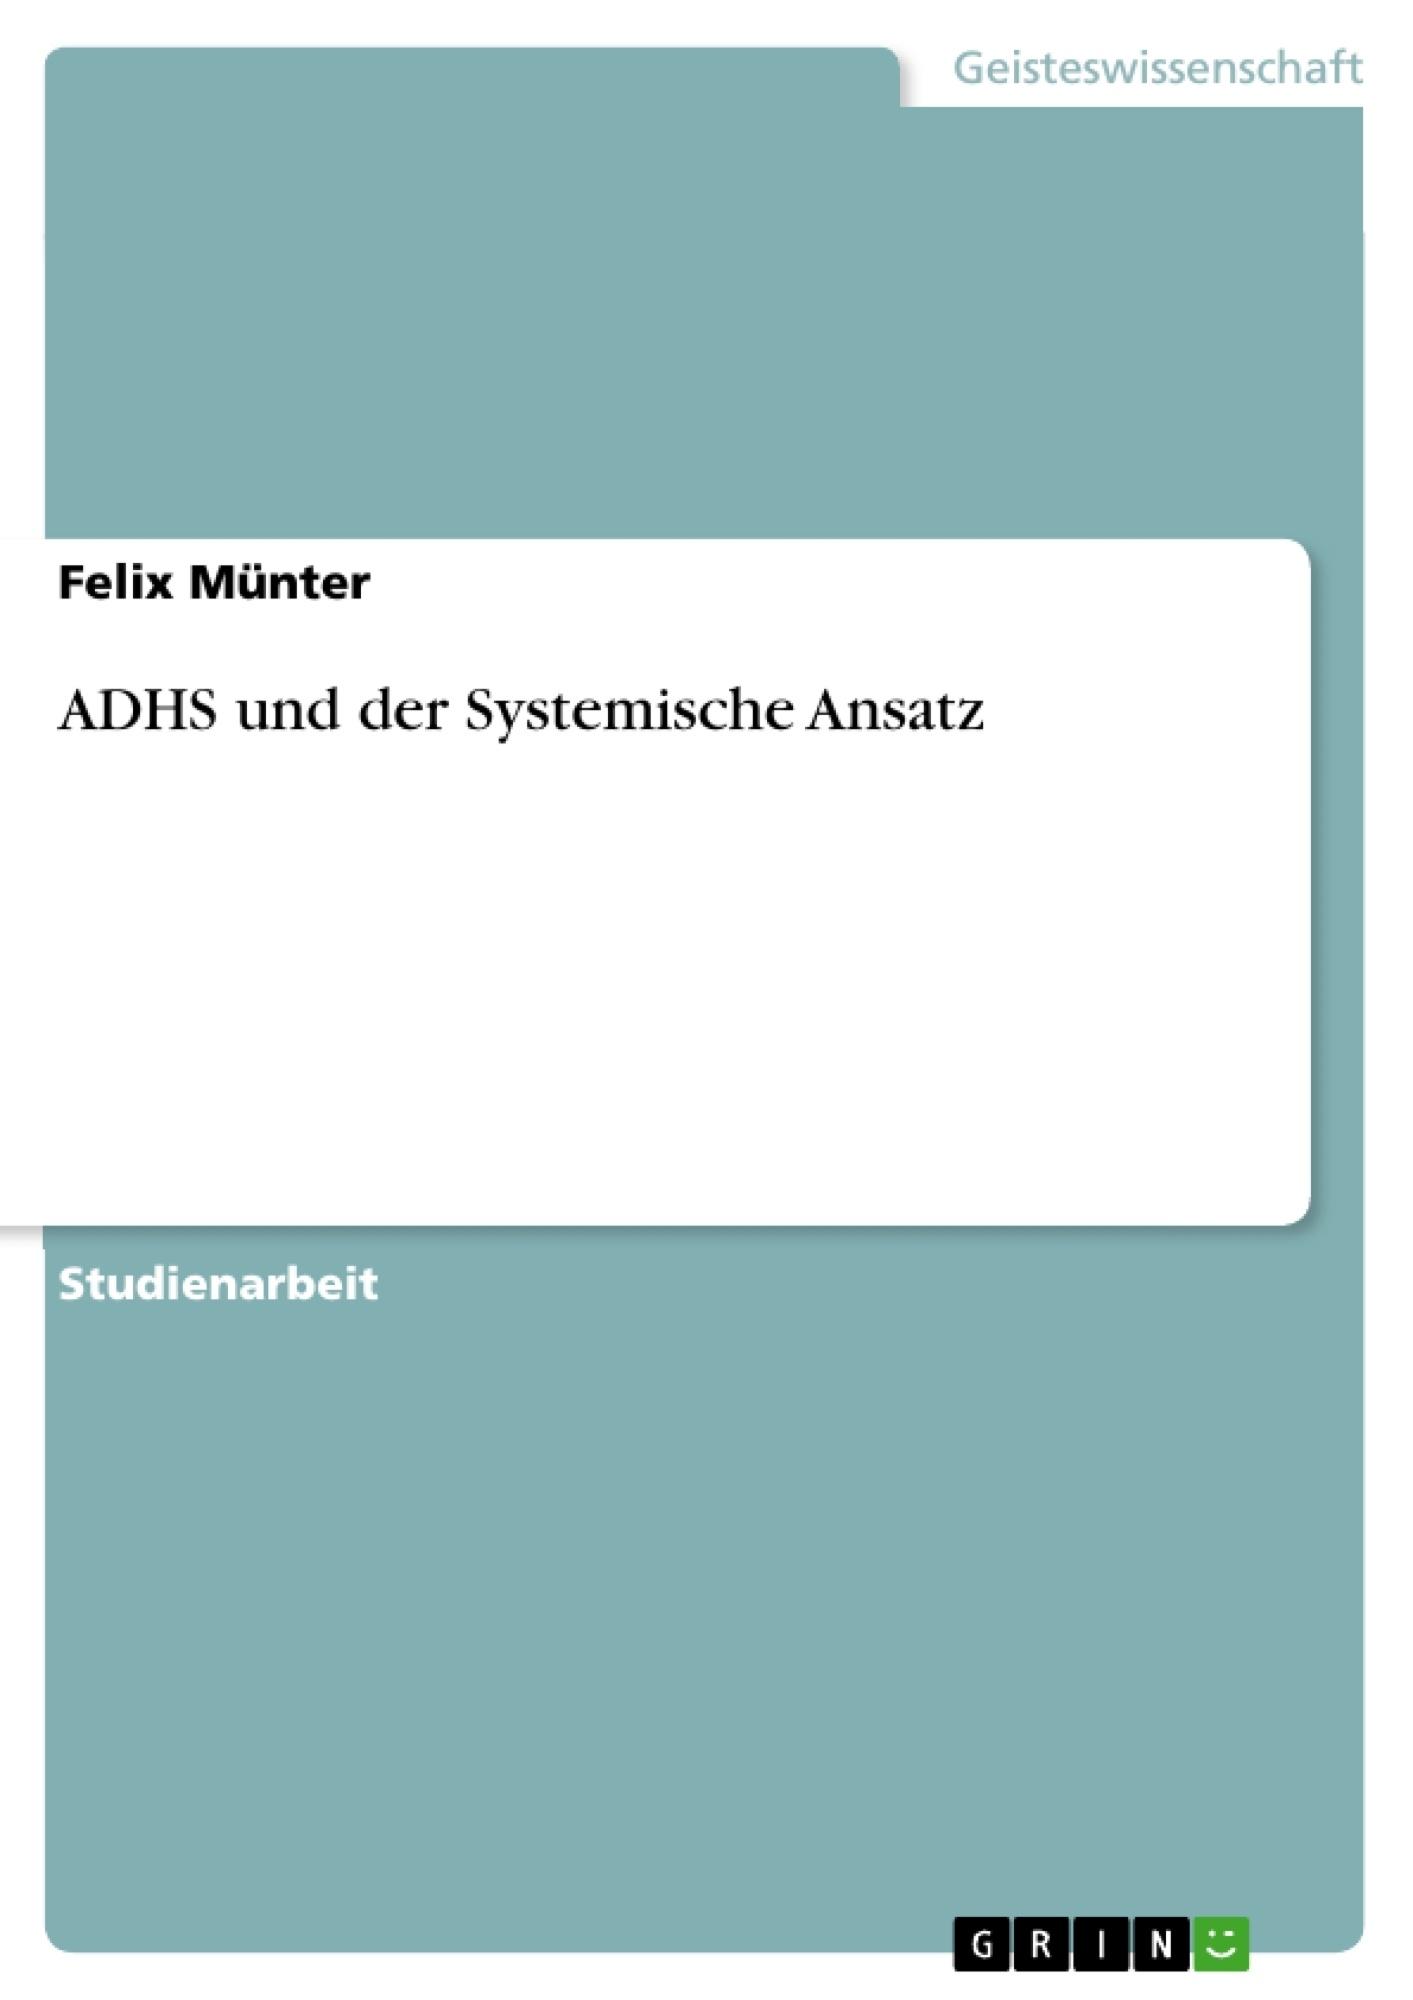 Titel: ADHS und der Systemische Ansatz